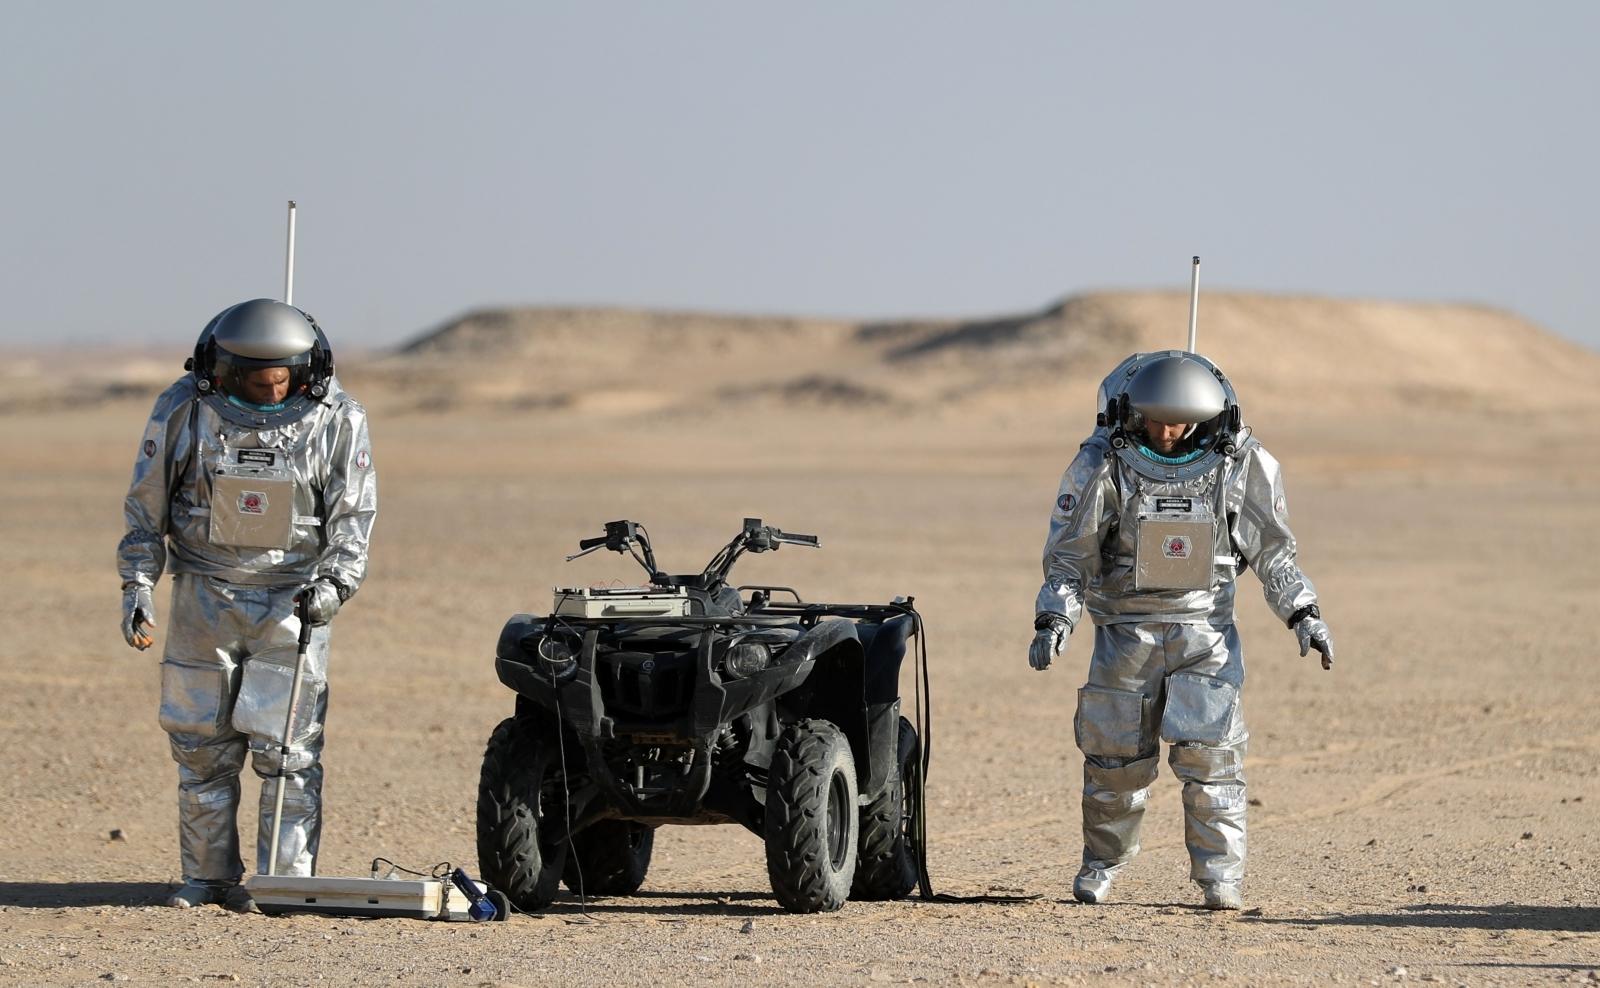 Mars simulation mission